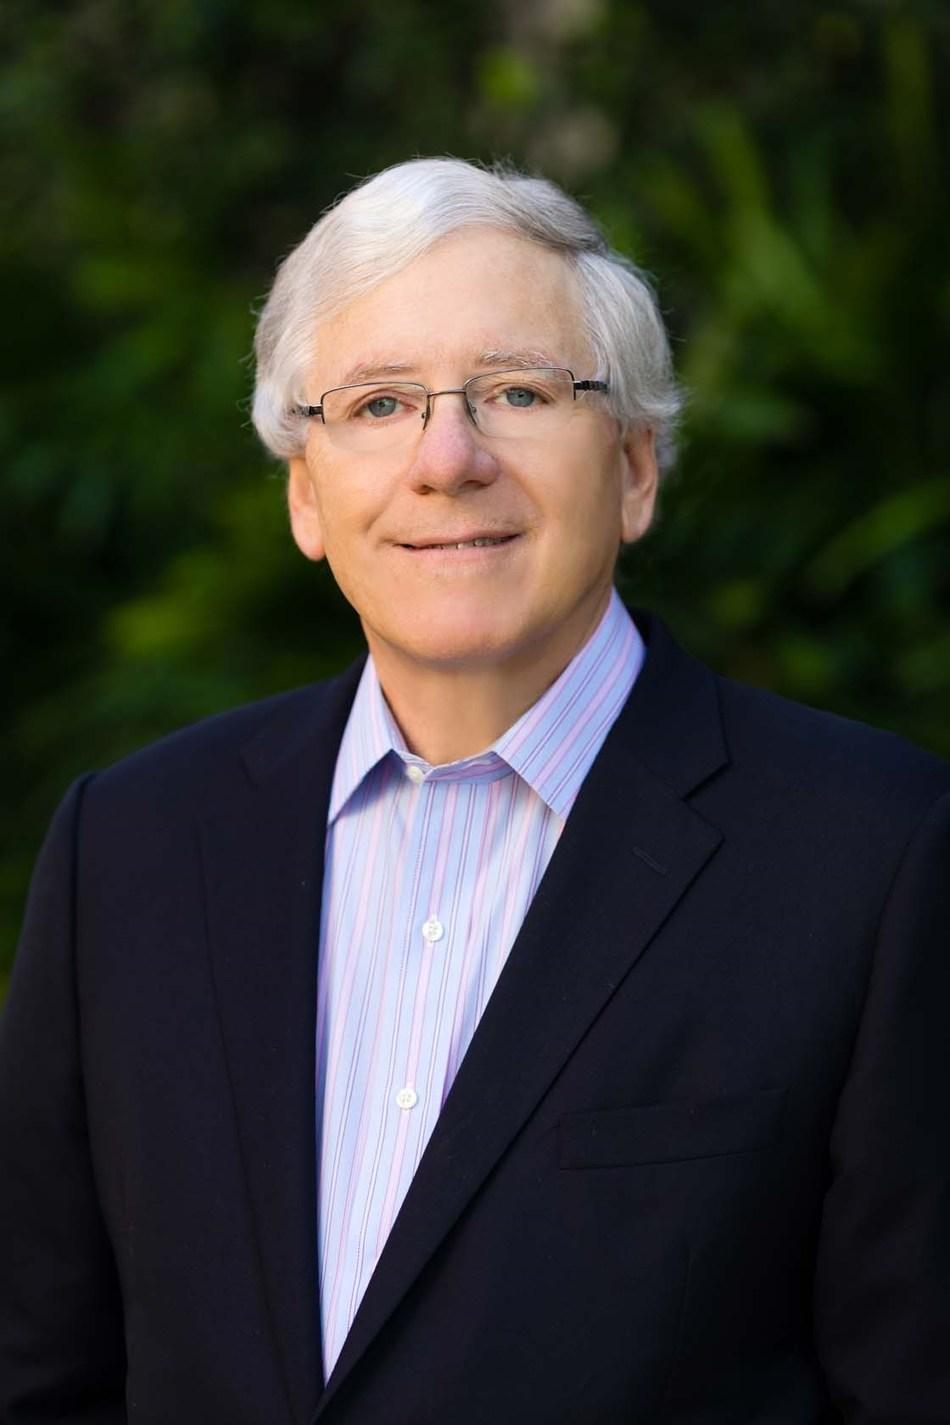 Harvey J. Berger, M.D. (PRNewsFoto/Medinol)